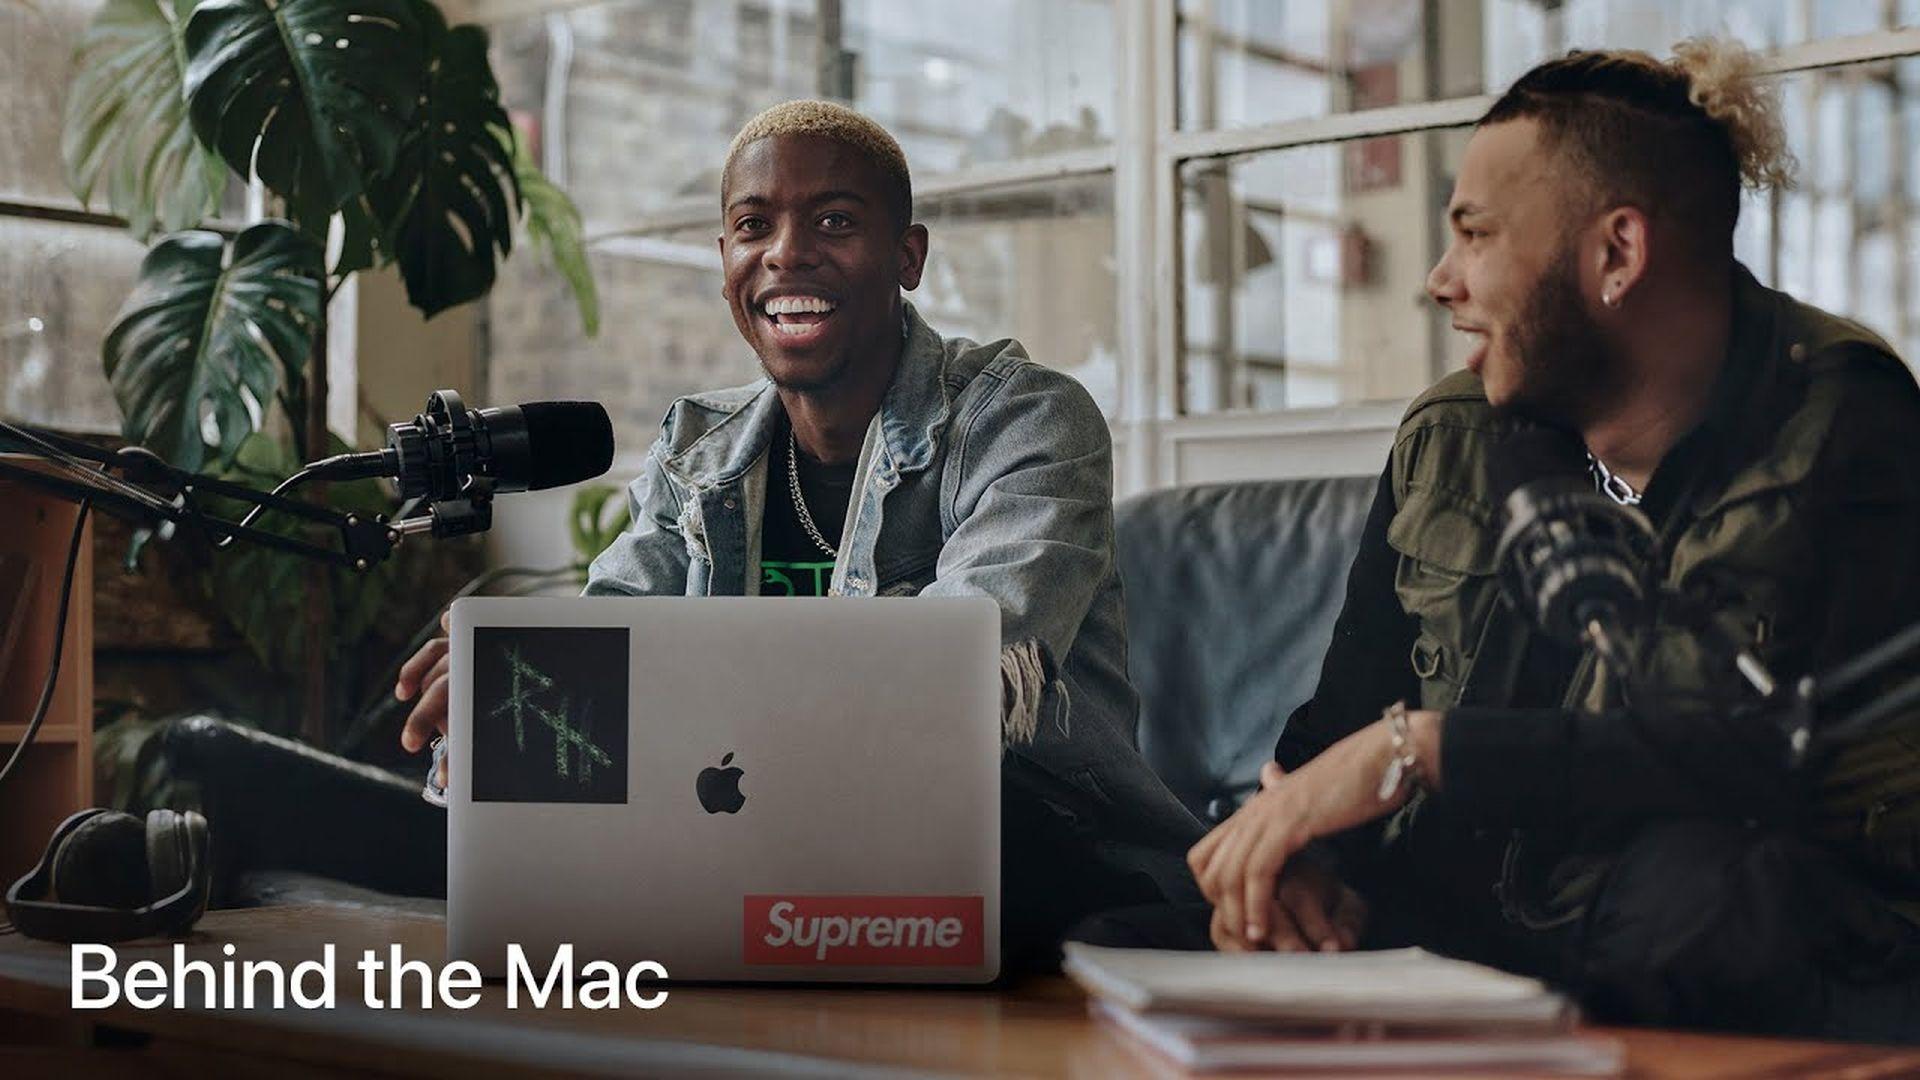 Nowa reklama z serii Behind the Mac w serwisie YouTube